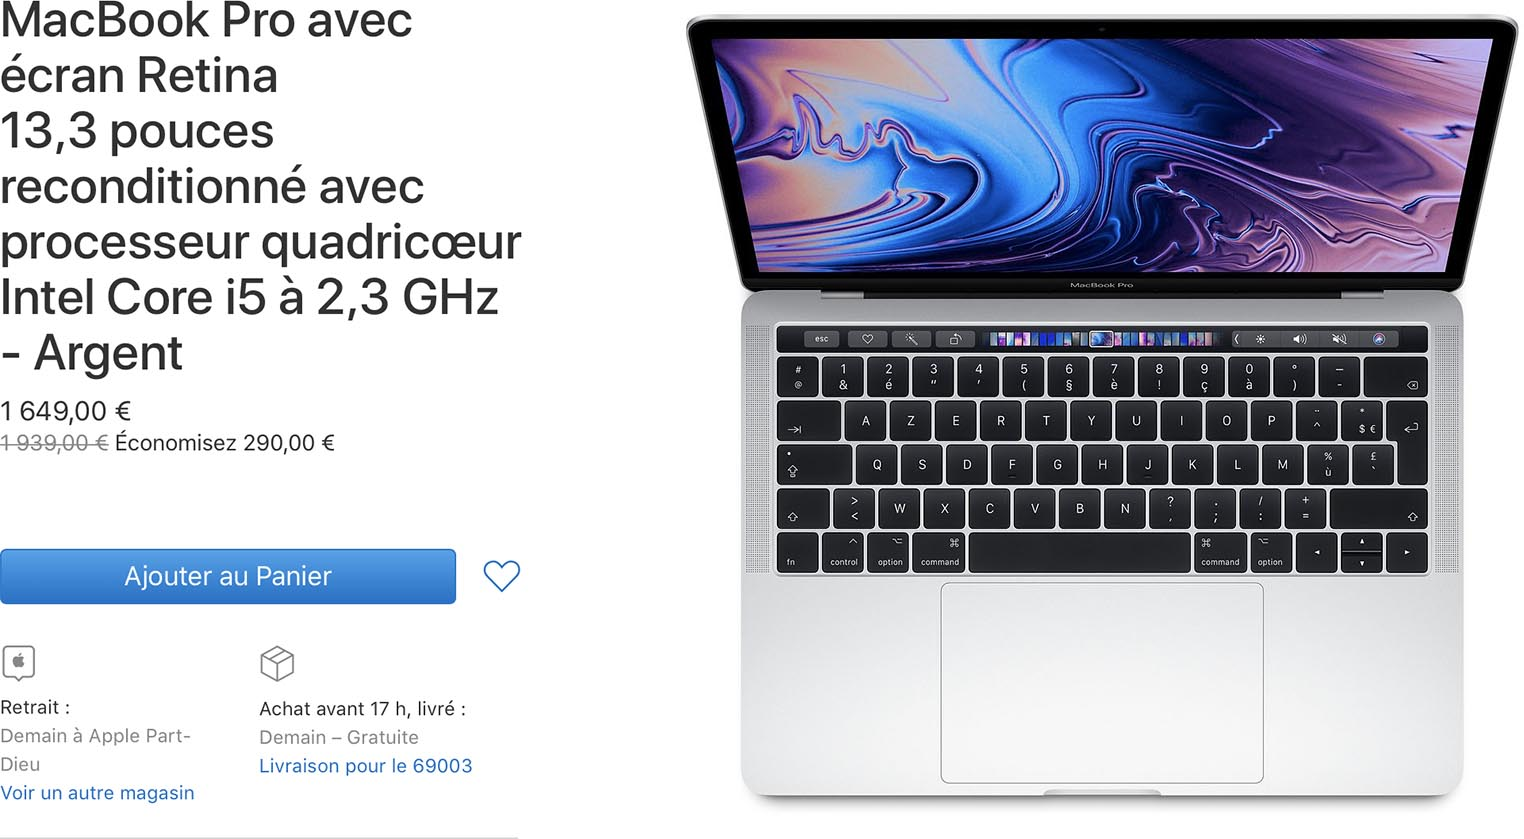 Prix des anciens MacBook Pro en baisse sur le Refurb